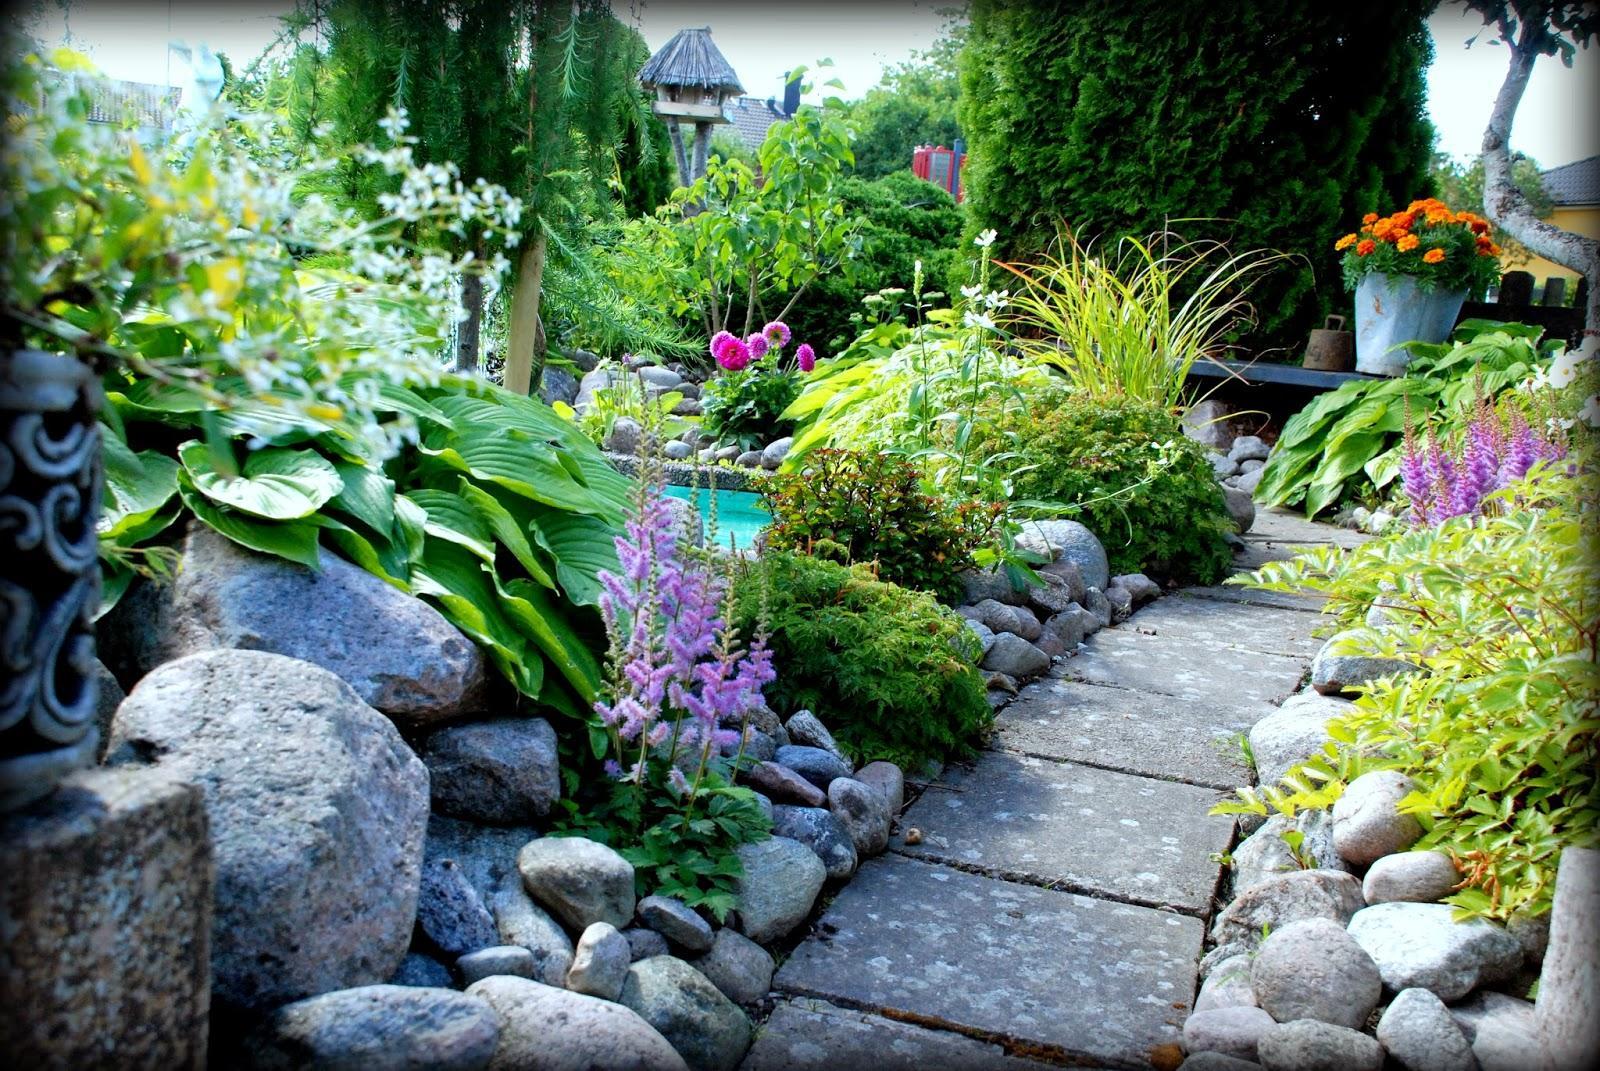 Záhrada,ktorá ťa nikdy neomrzí...divoká a krásna - Obrázok č. 22